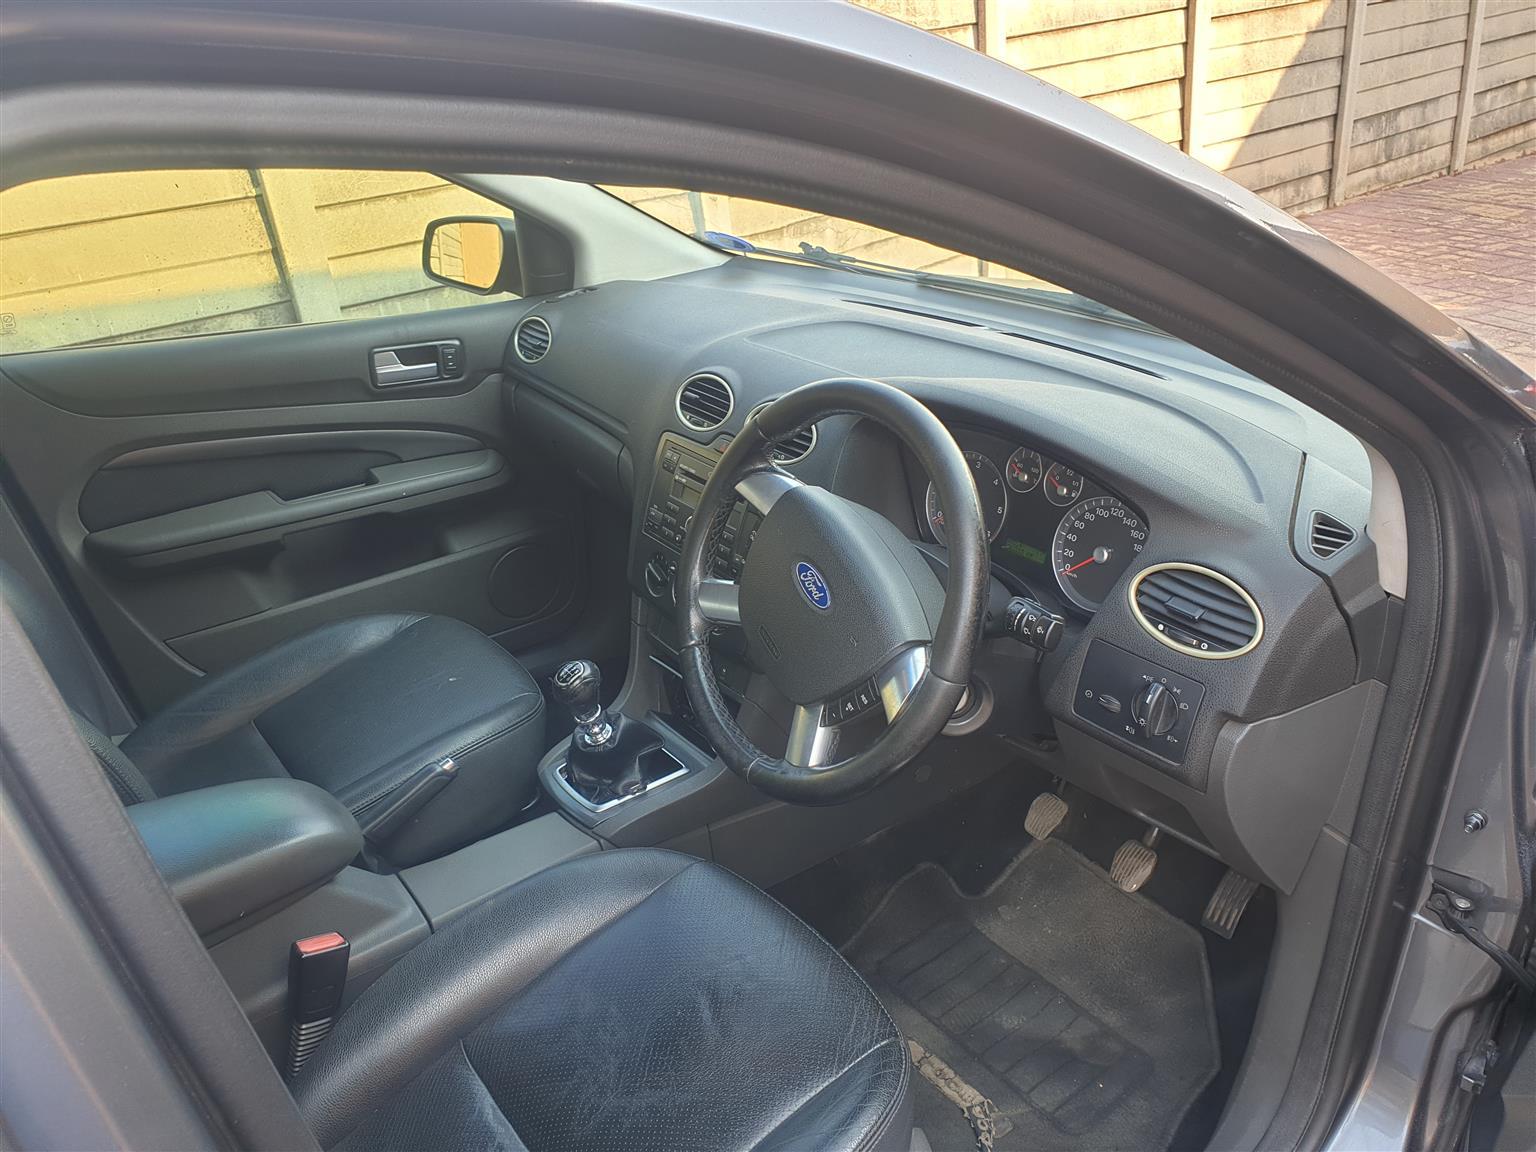 2007 Ford Focus 2.0TDCi 4 door Si